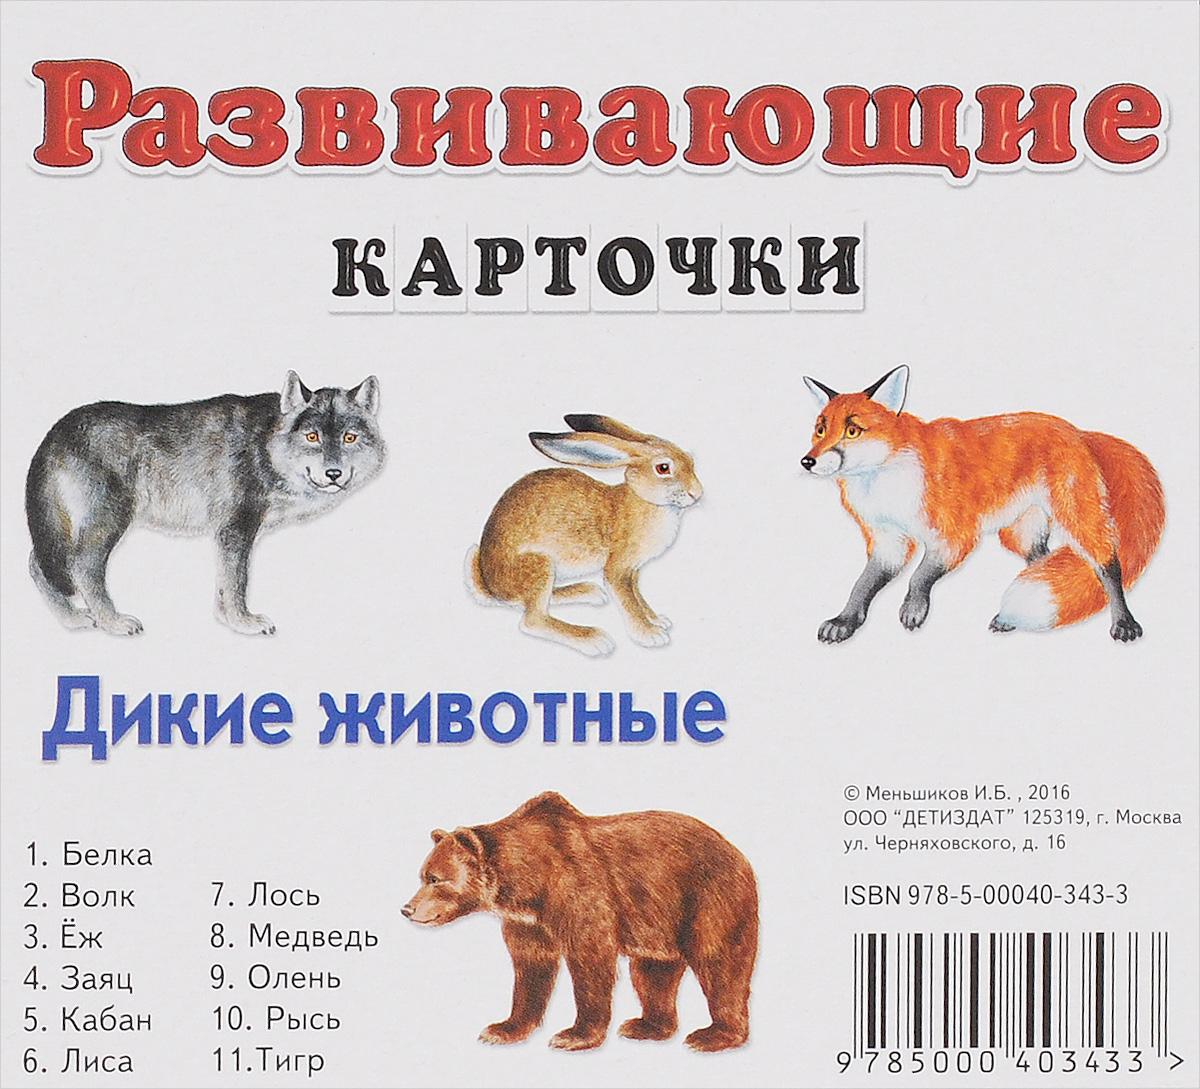 Дикие животные. Развивающие карточки (набор из 11 карточек) ( 978-5-00040-343-3 )